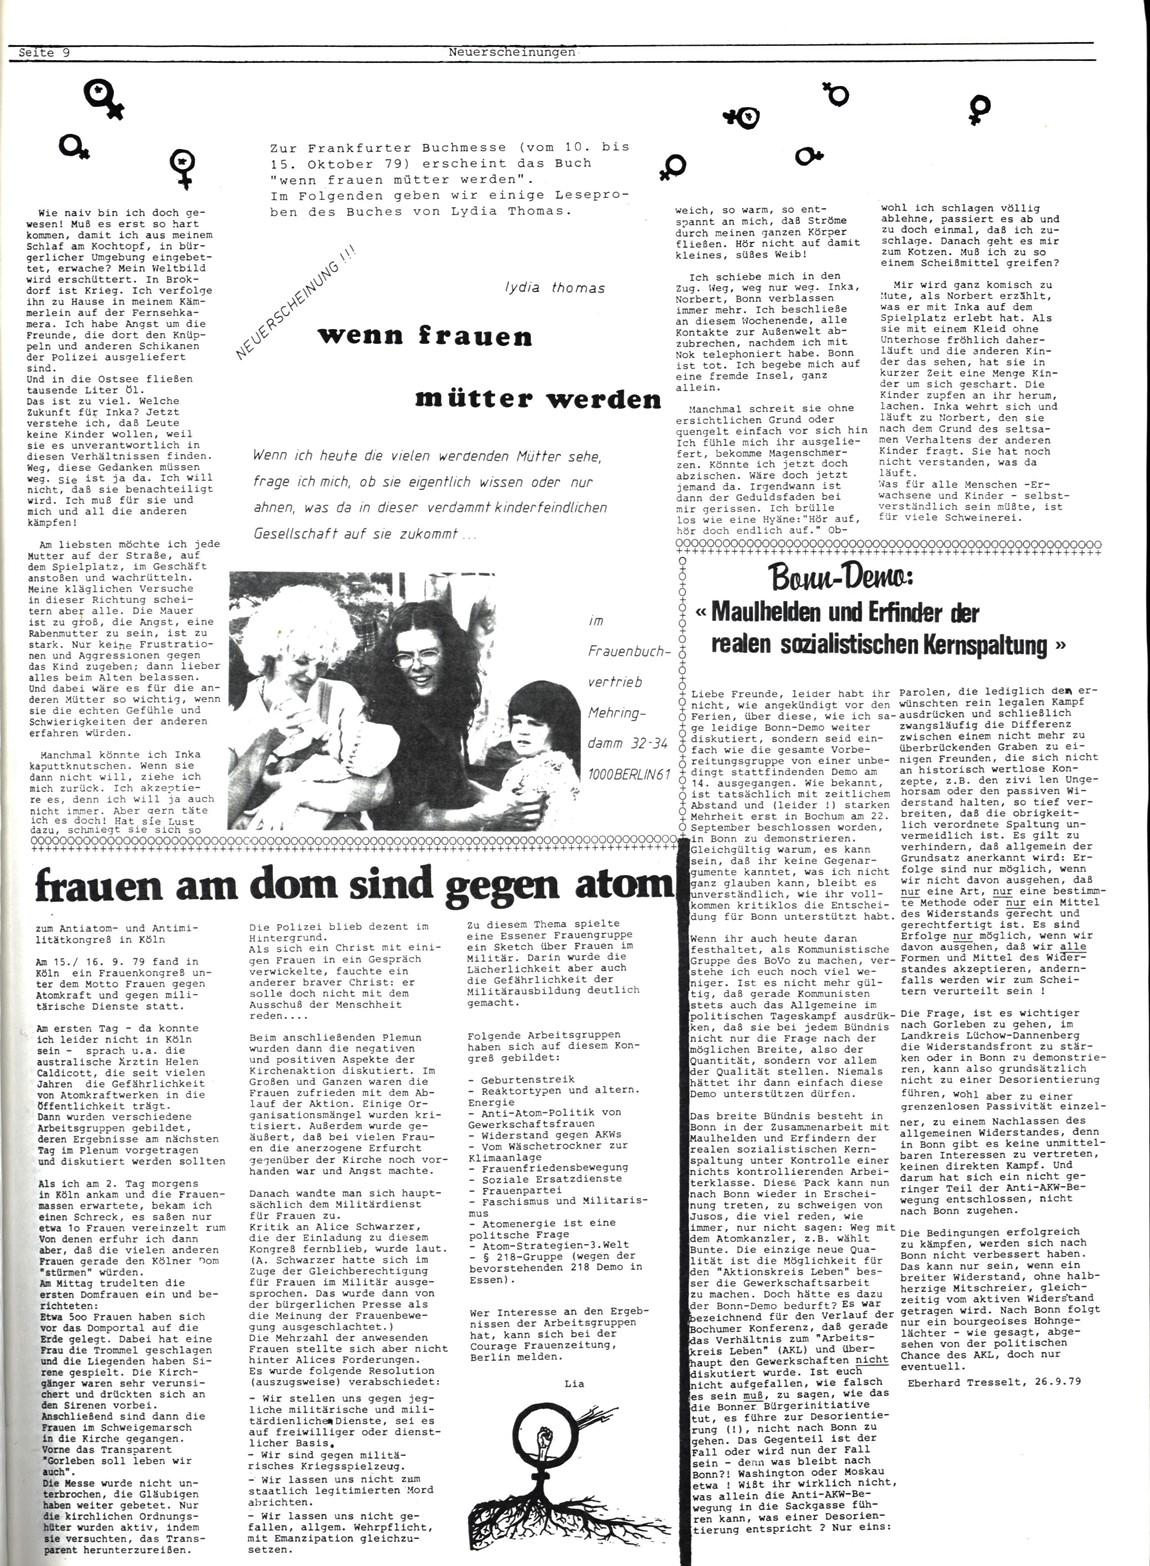 Bonner_Volksblatt_28_19791003_09